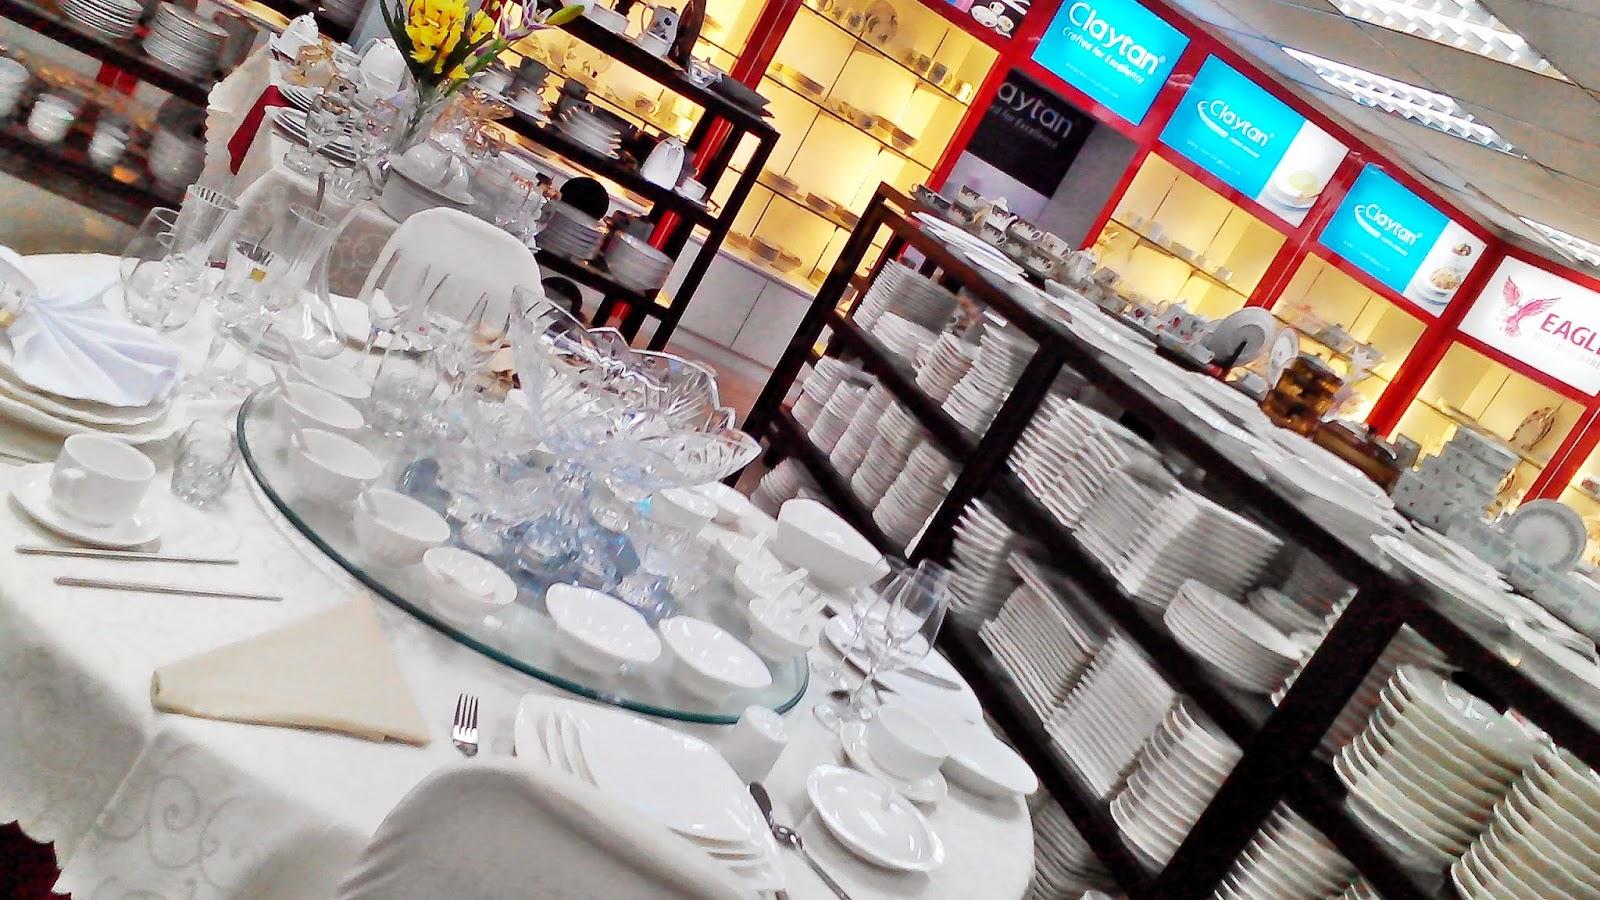 Kedai Peralatan Dapur Shah Alam Desainrumahid